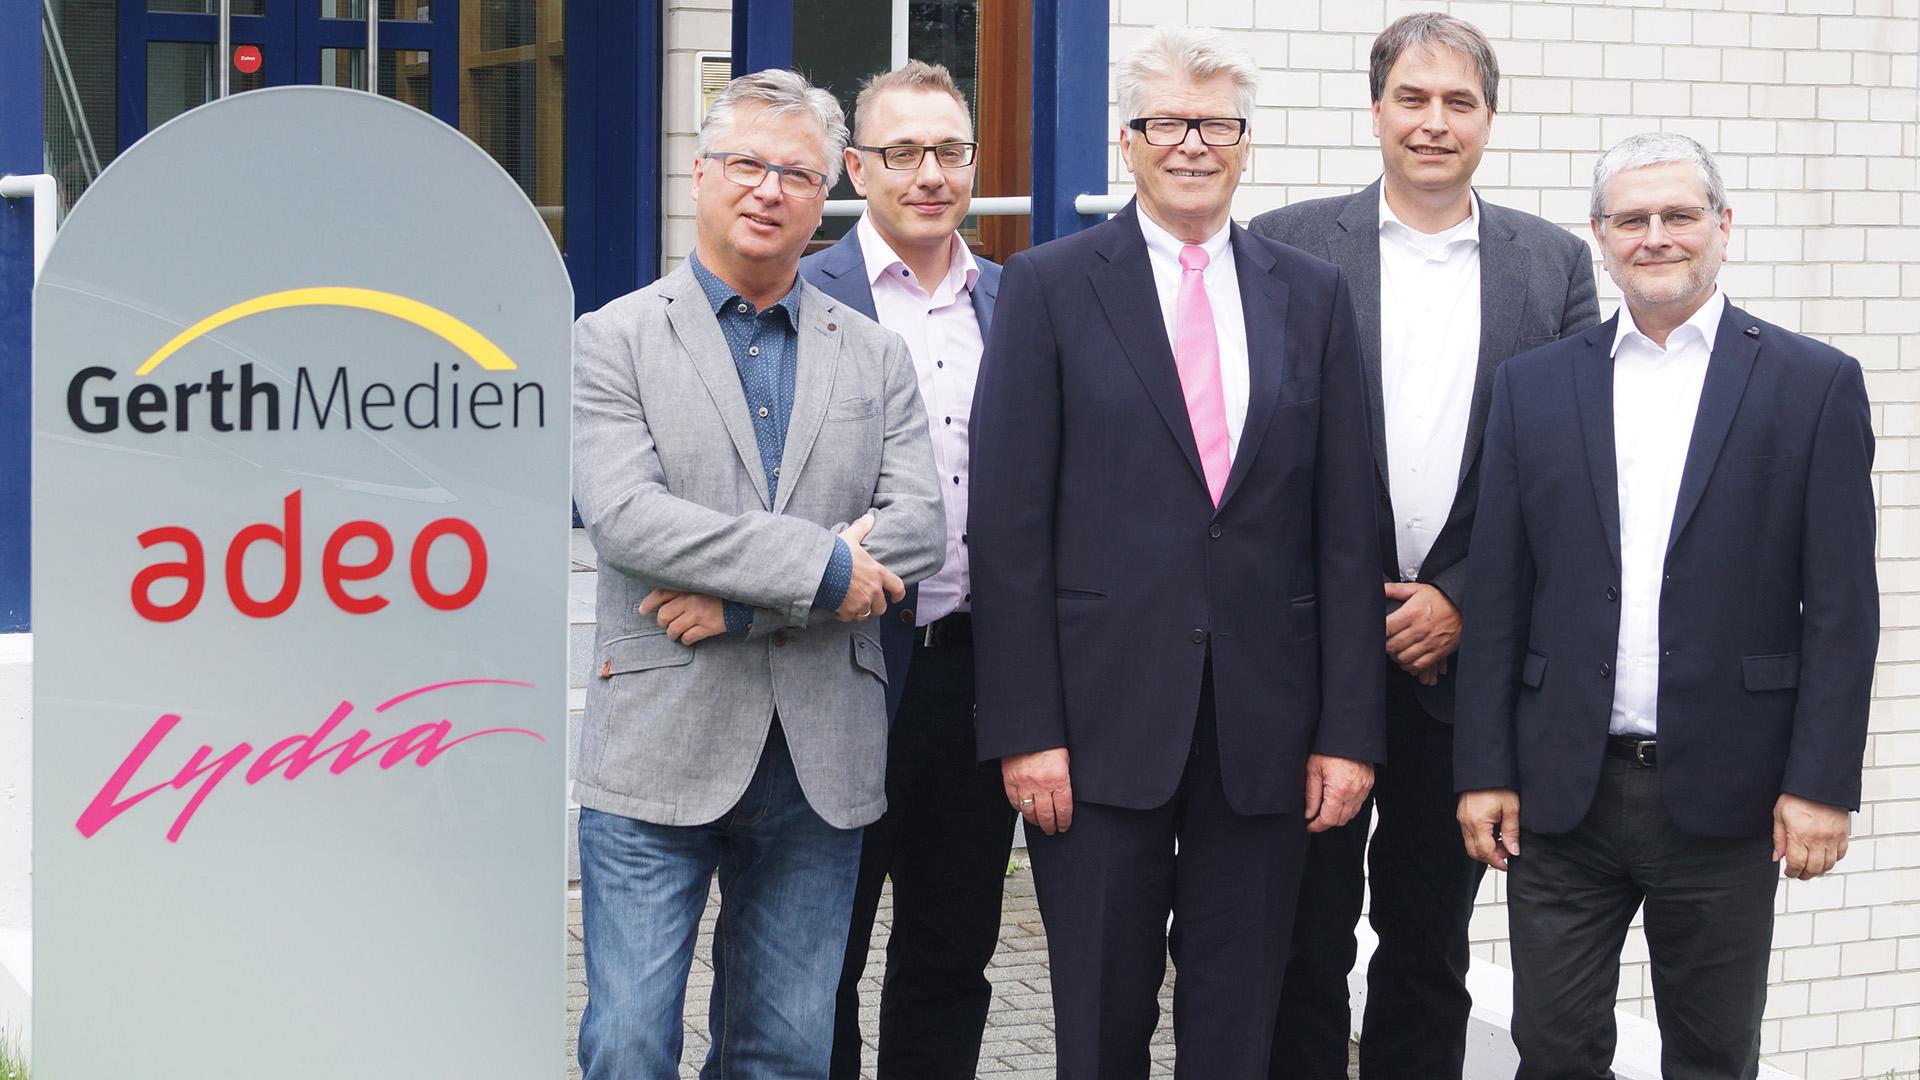 Von links: Gesamtvertriebsleiter Peter Butenuth, kaufmännischer SCM-Geschäftsführer Marco Abrahms, SCM-Vorsitzender Friedhelm Loh, Gerth-Medien-Verlagsleiter Stefan Wiesner, SCM-Geschäftsführer Ulrich Eggers